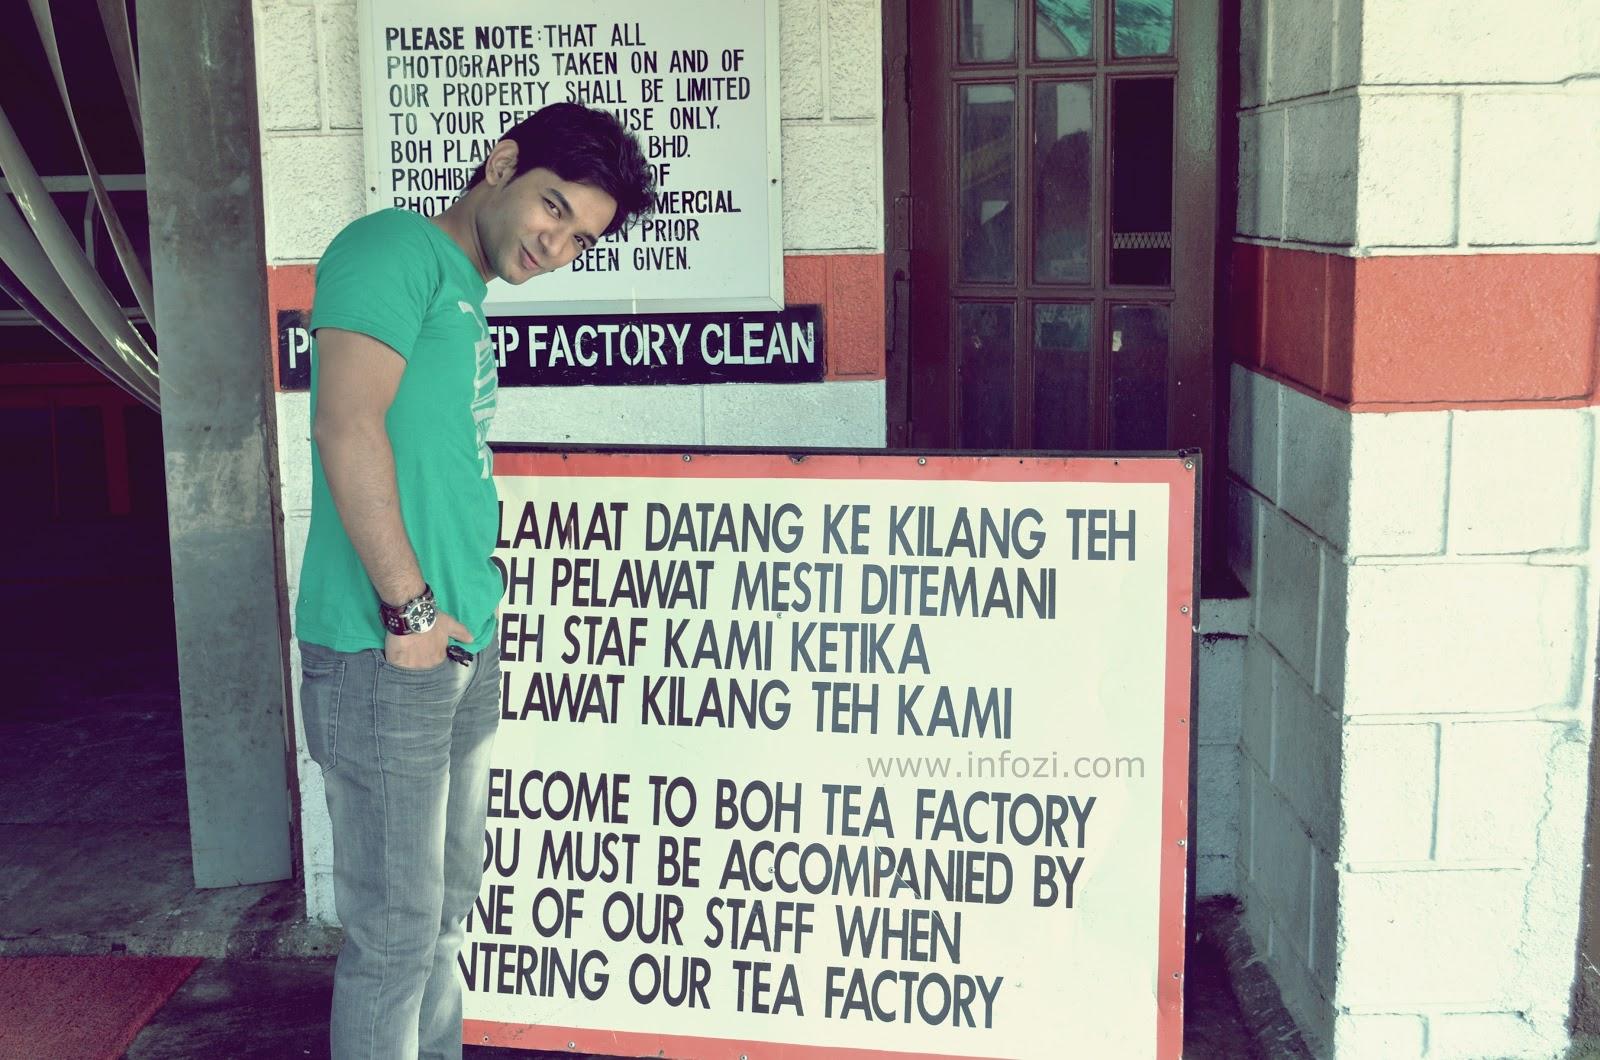 Kilang teh